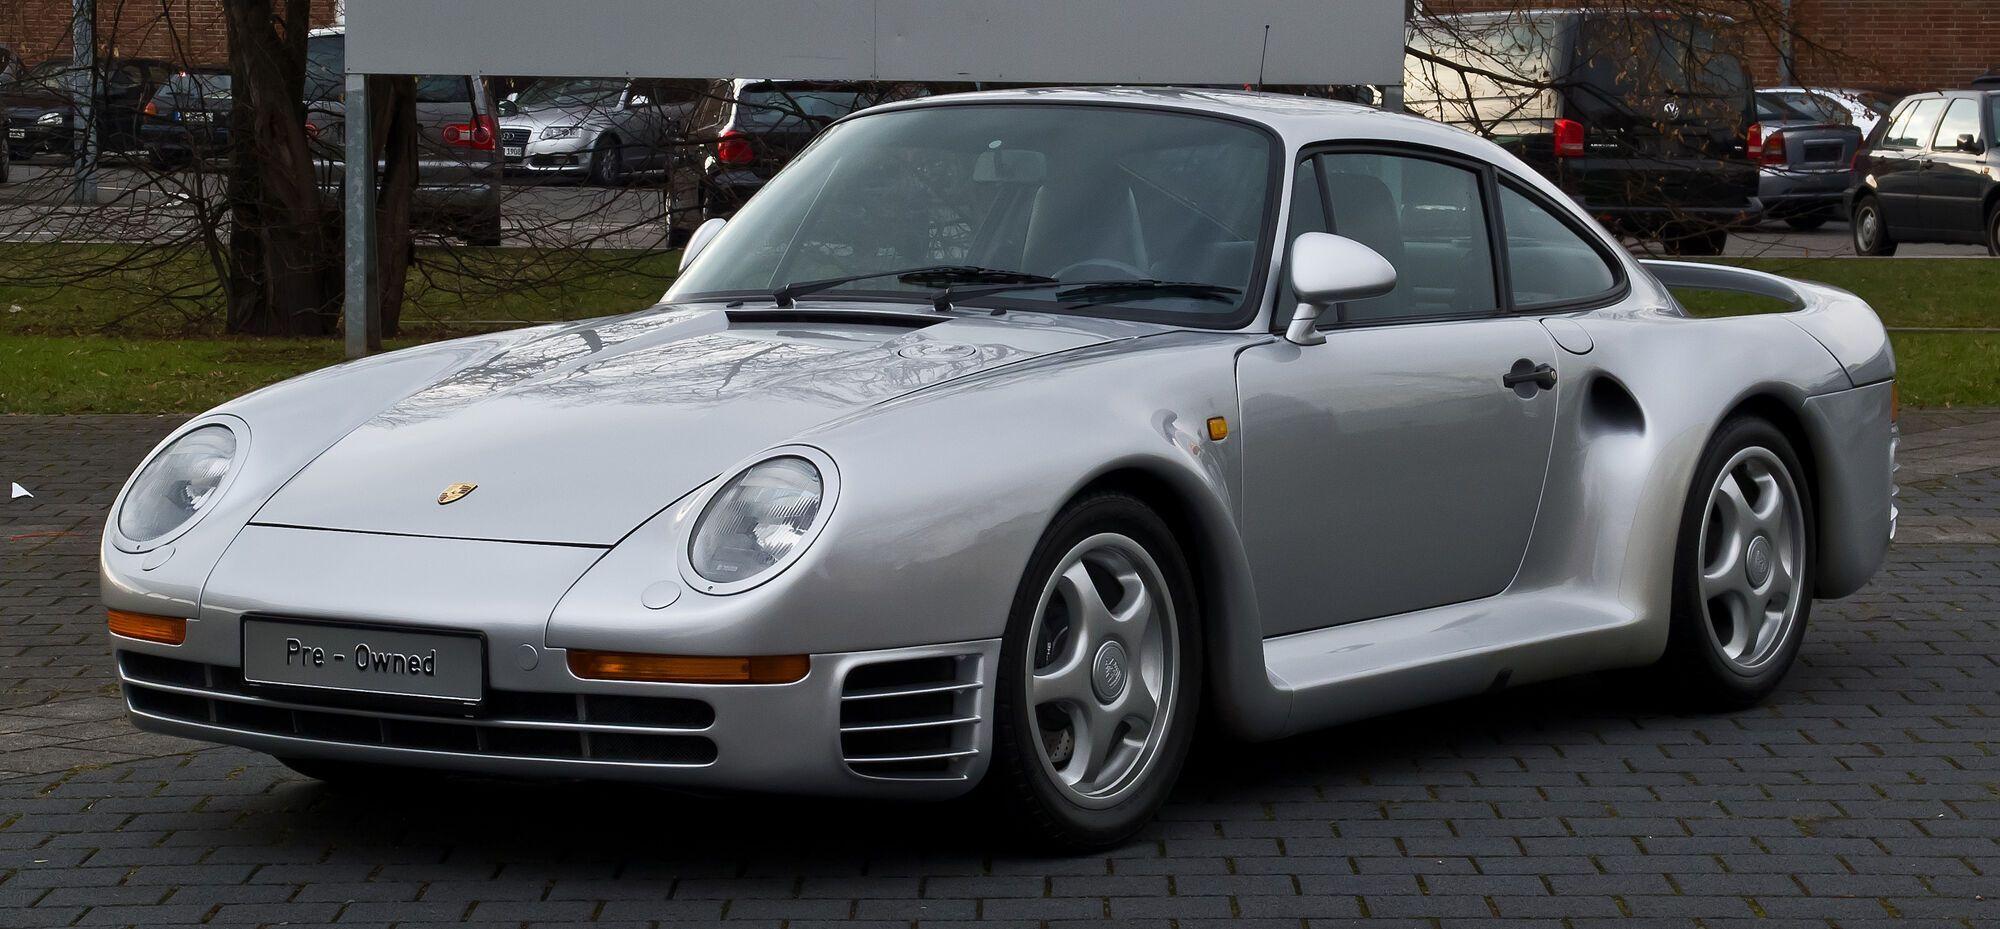 Білл Гейтс 10 років не міг їздити на своєму Porsche 959